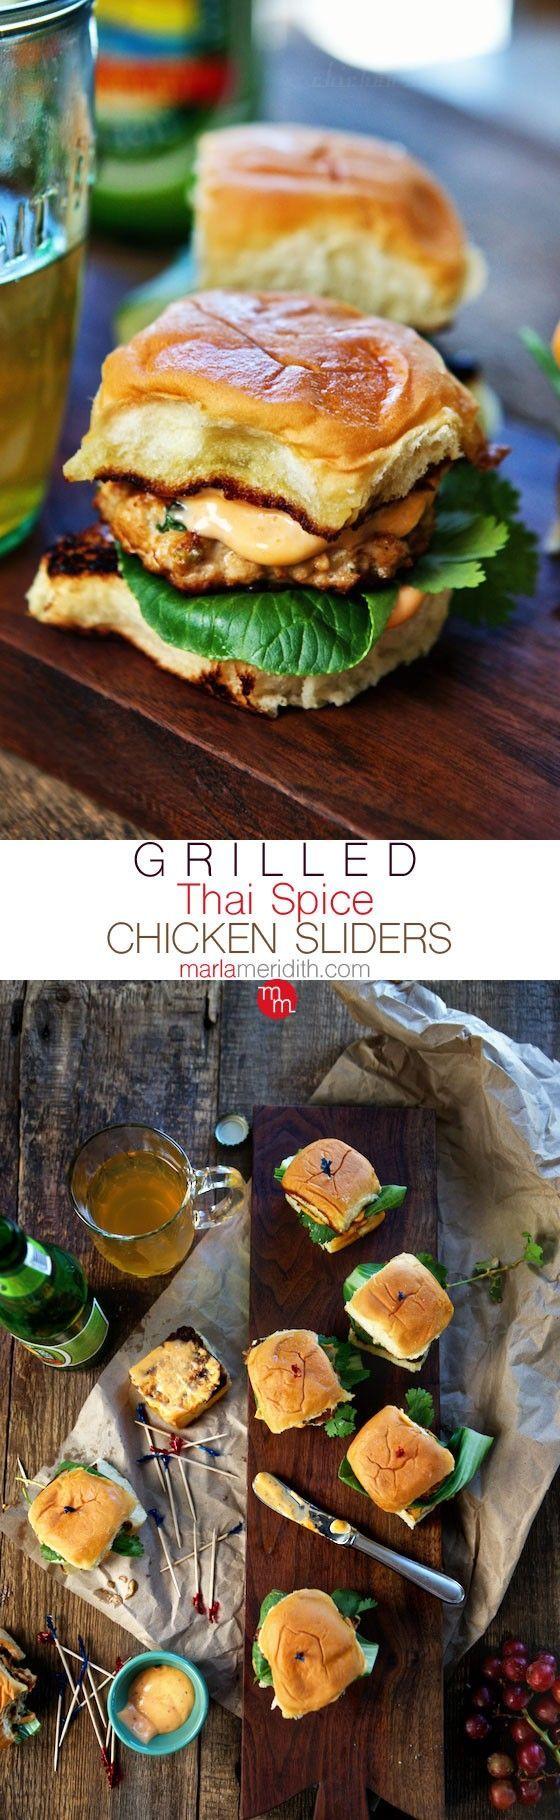 Grilled Thai Spice Chicken Sliders